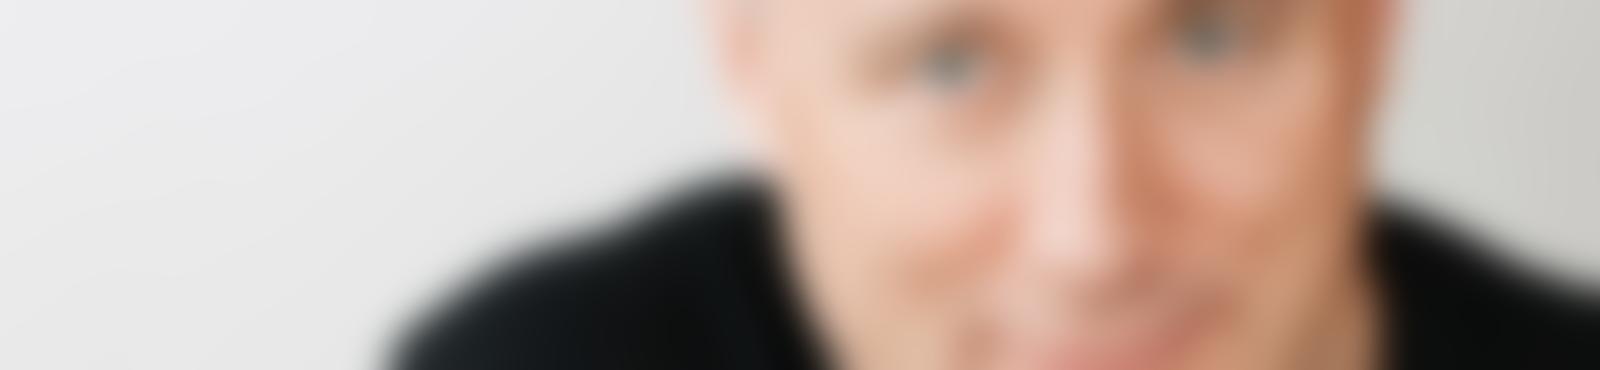 Blurred 8dfe1d75 96d8 4315 a86f 90c94e714110